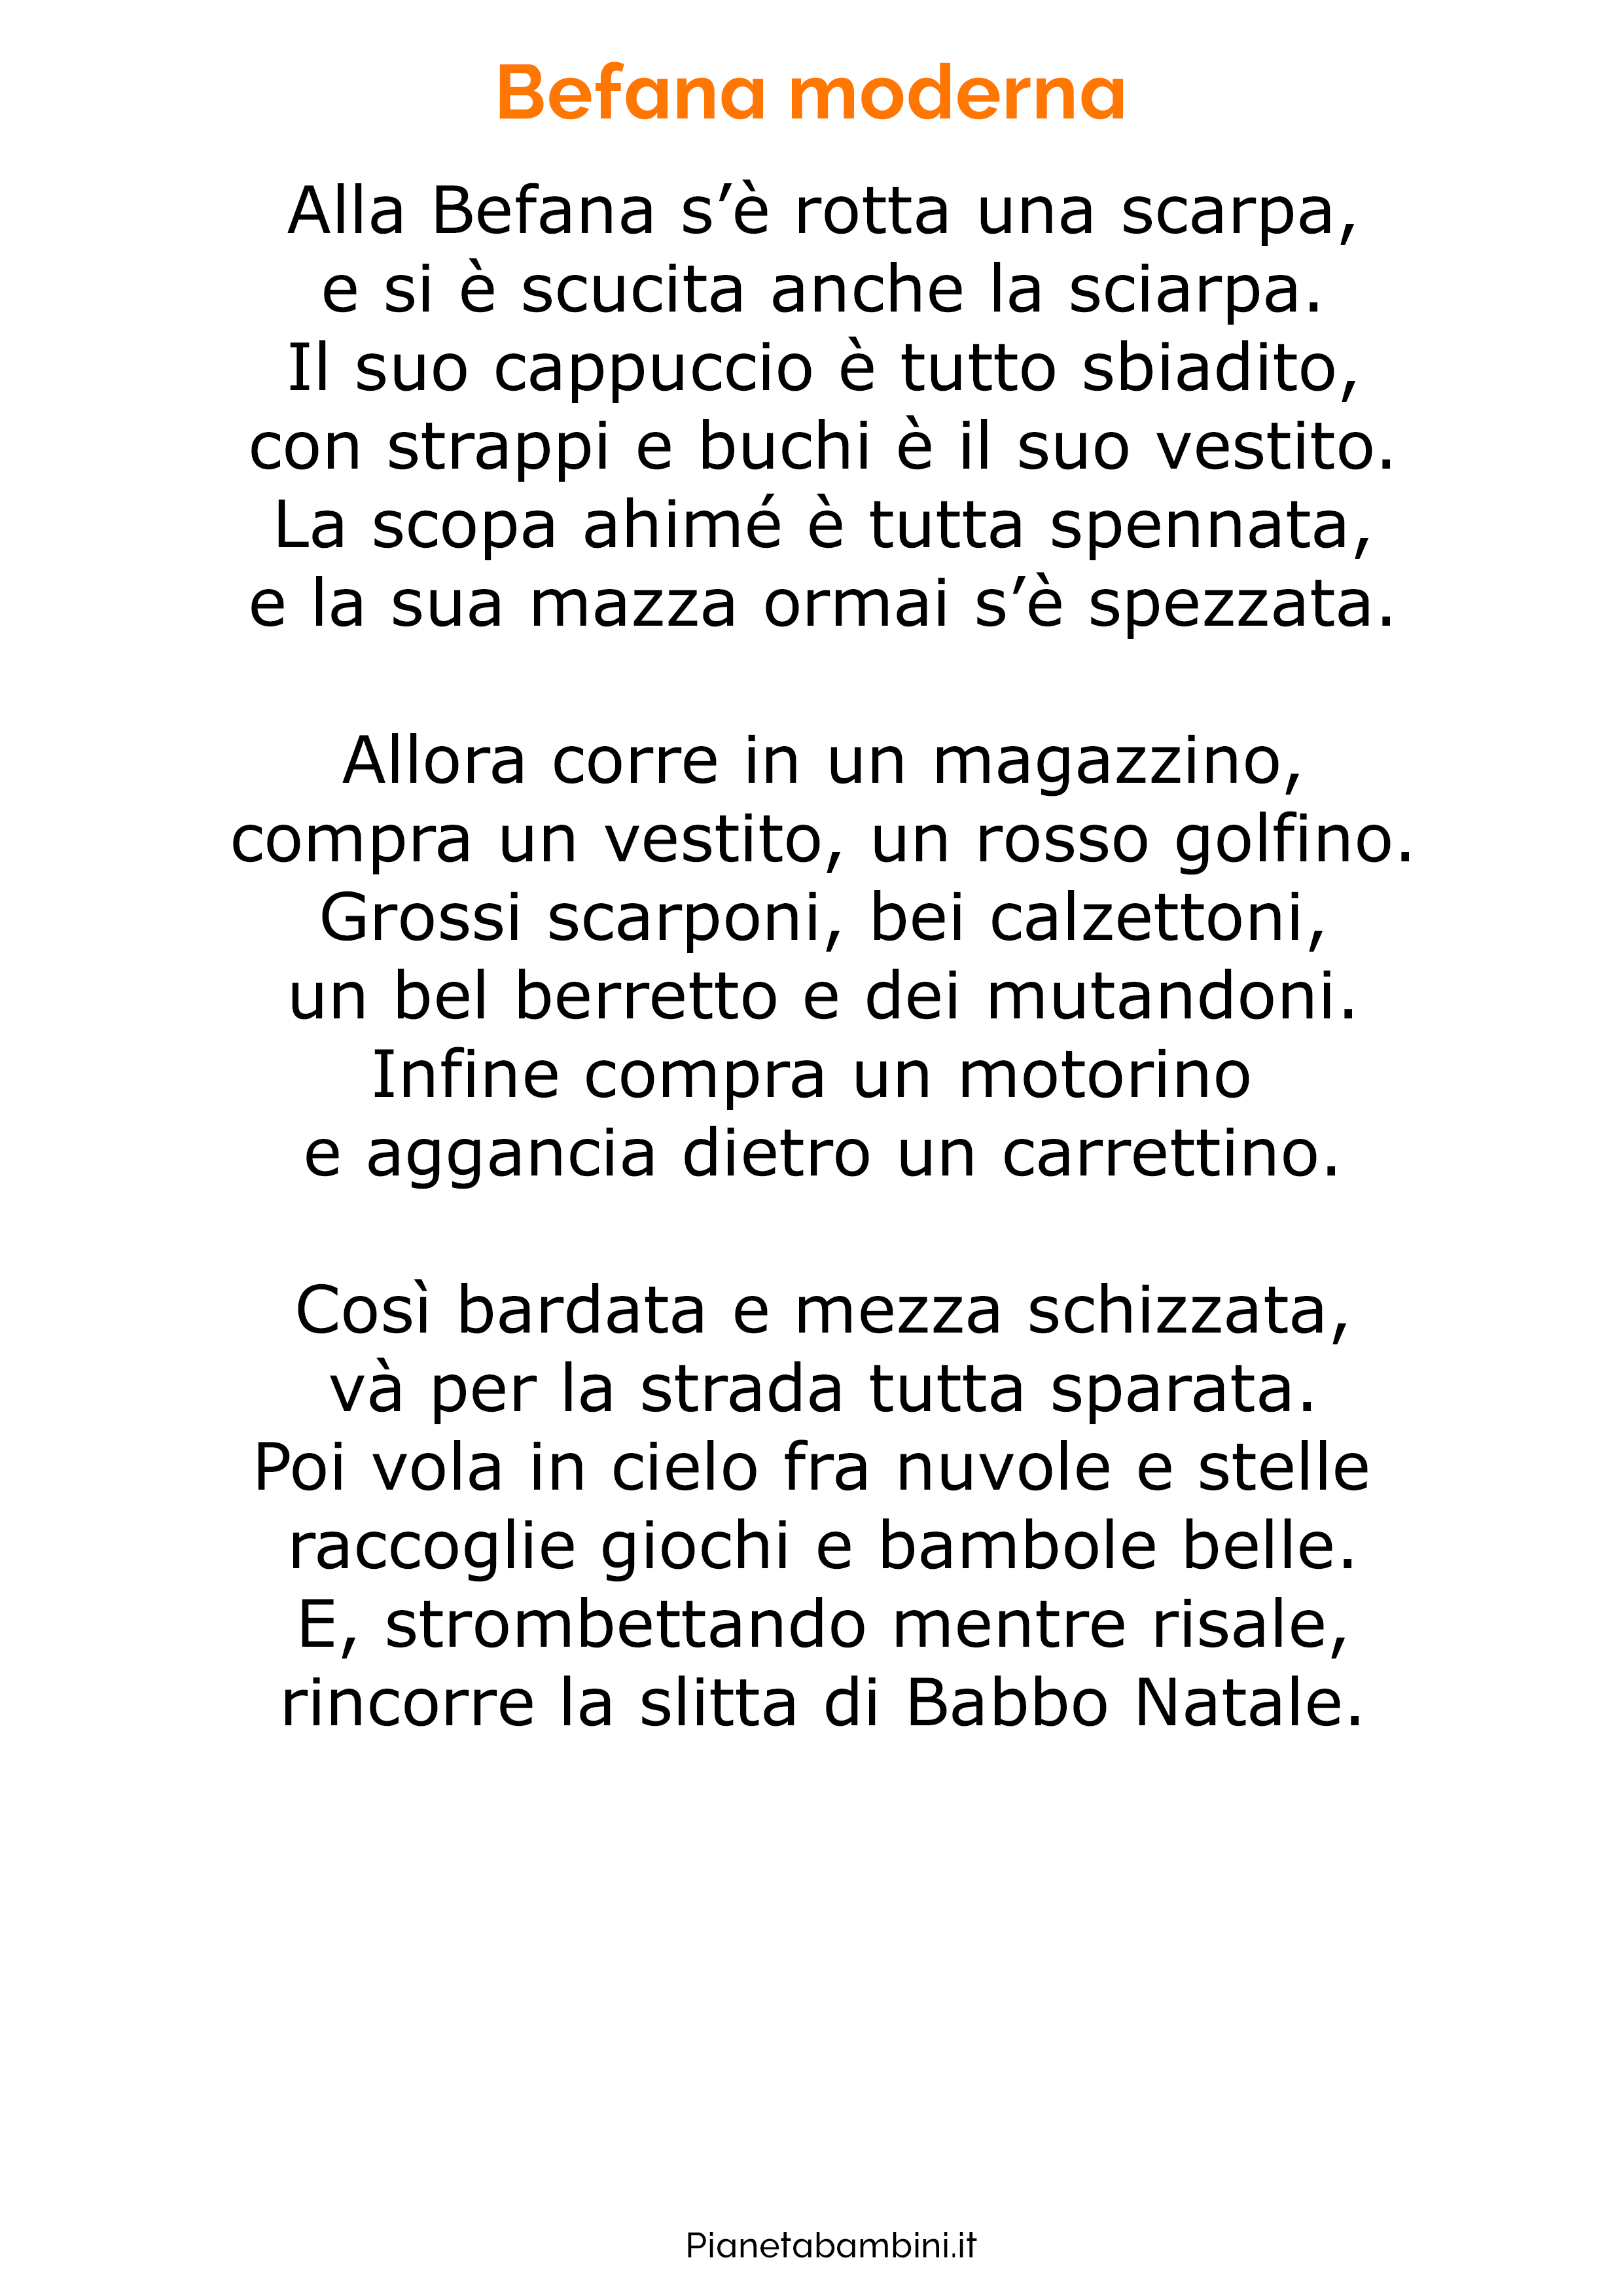 Poesia sulla Befana 18